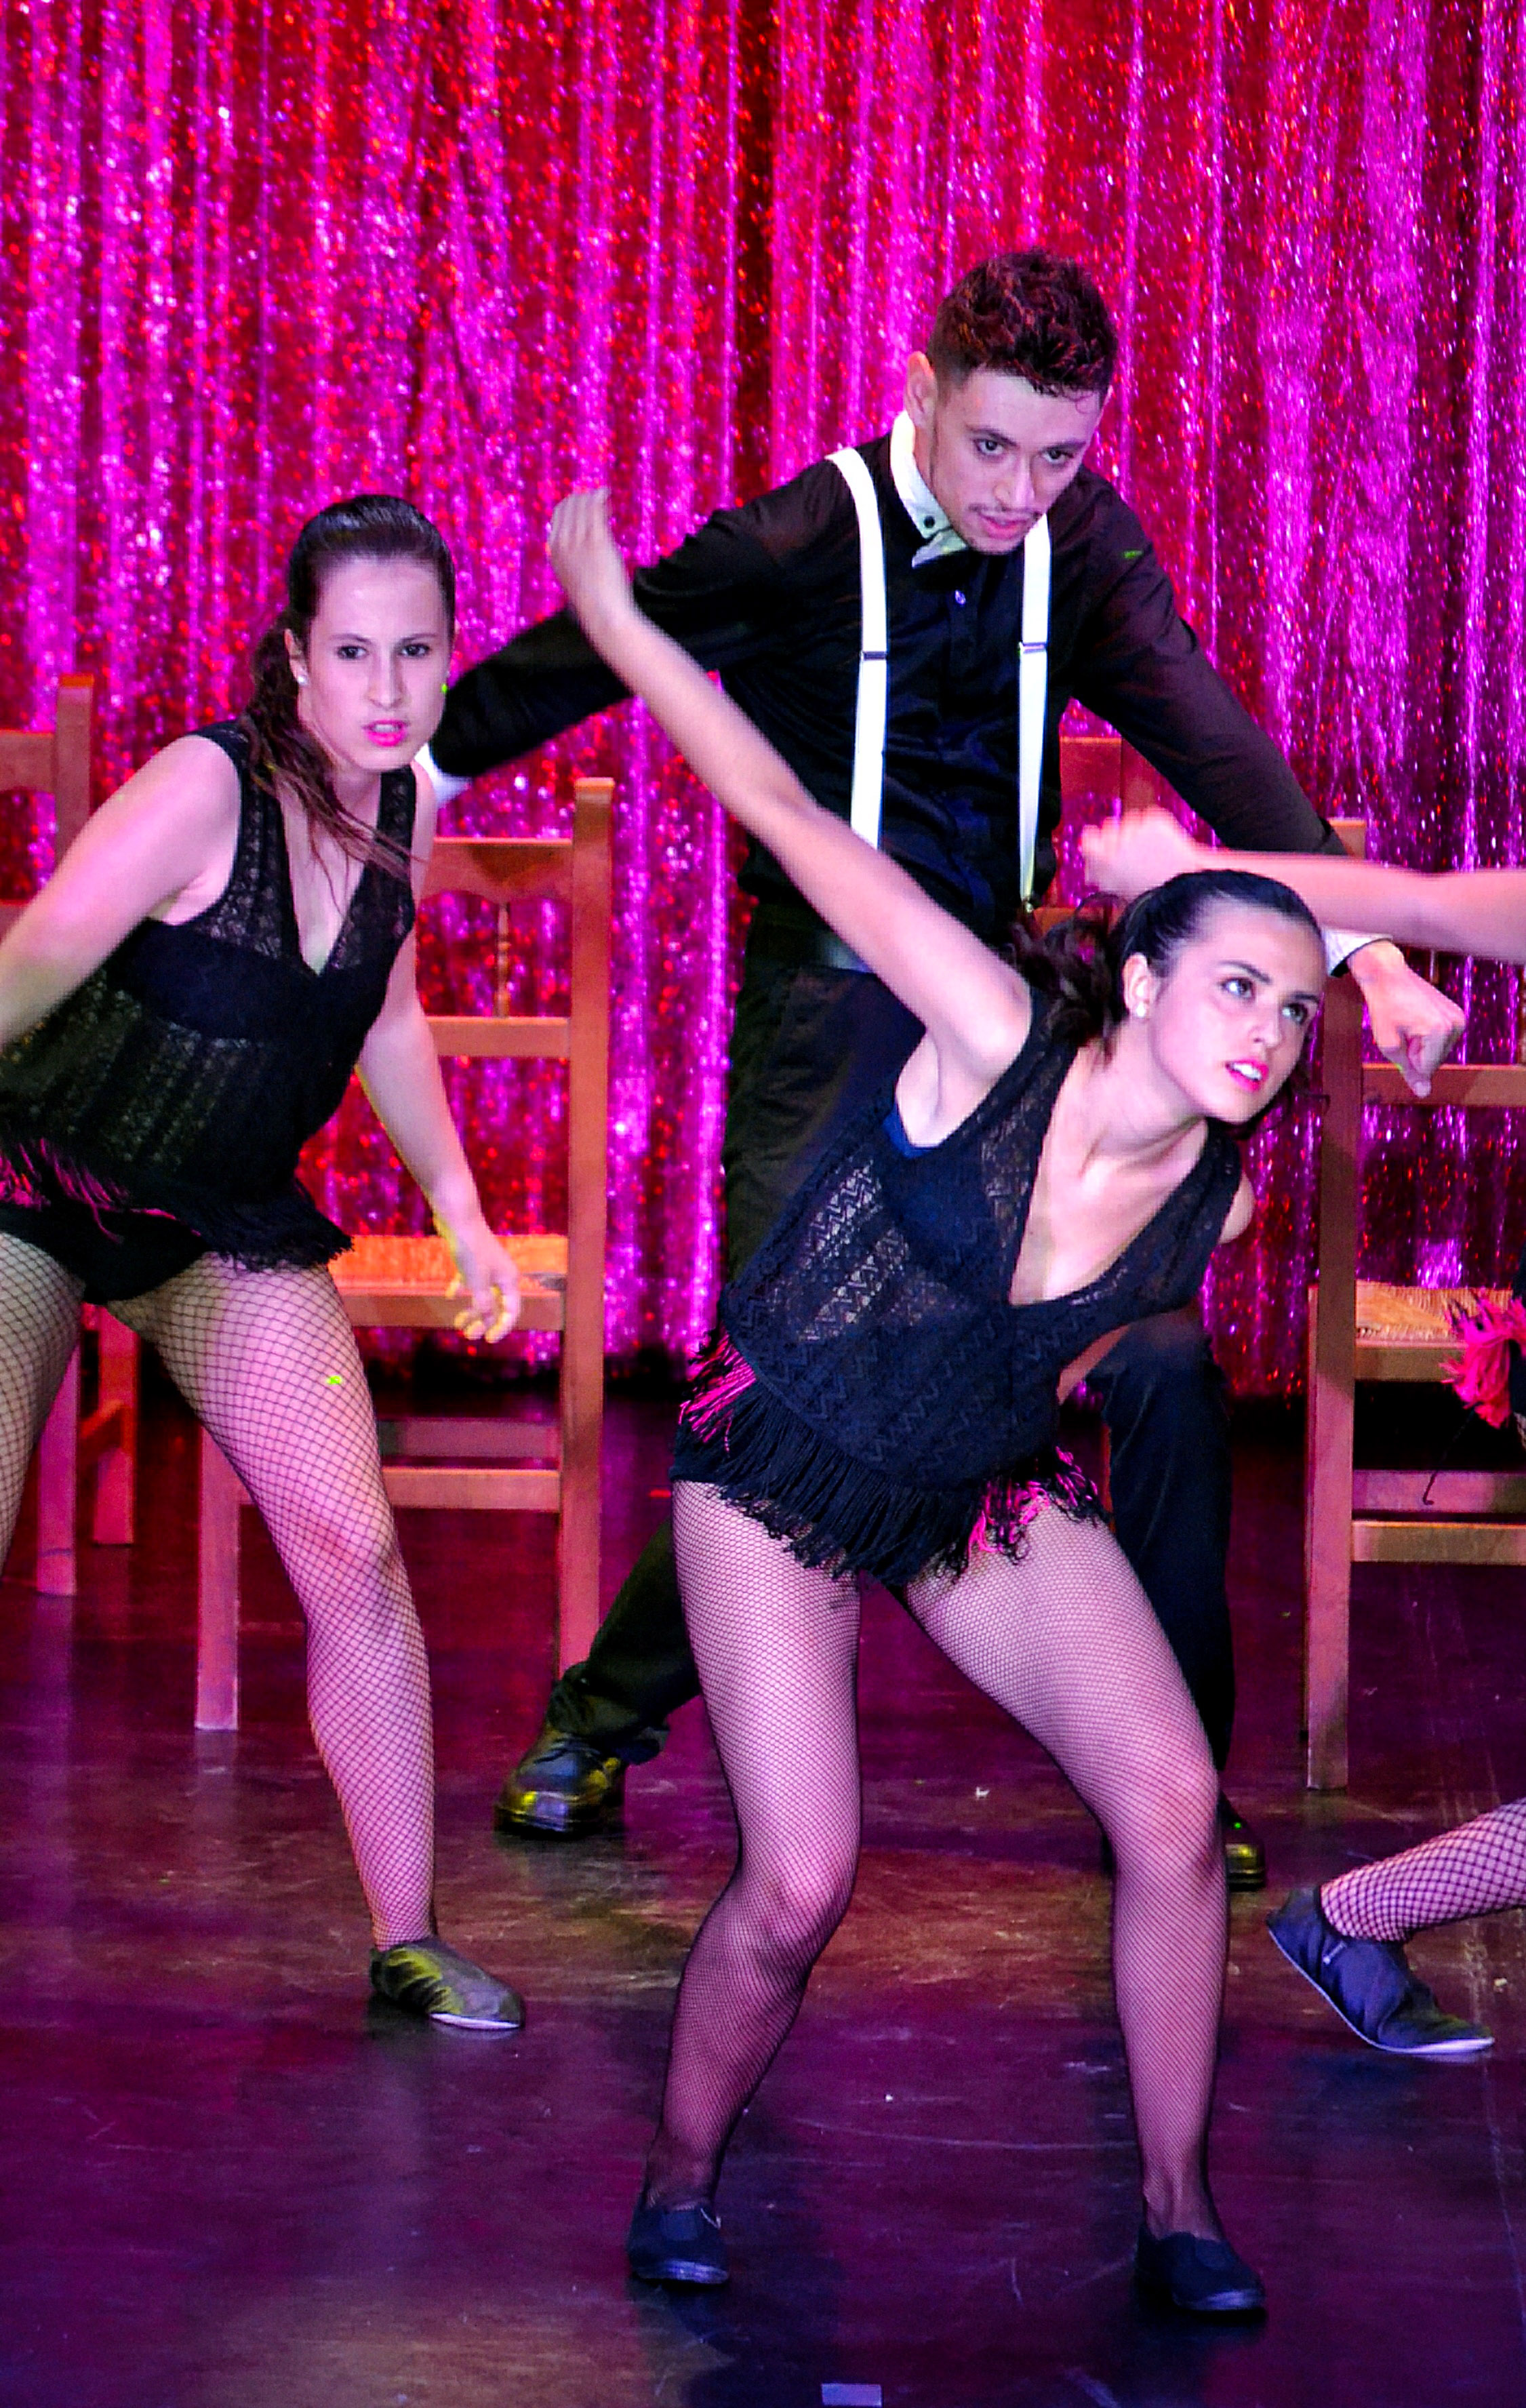 Linea-de-Baile-festival-verano-2015-clases-de-baile-valencia-137